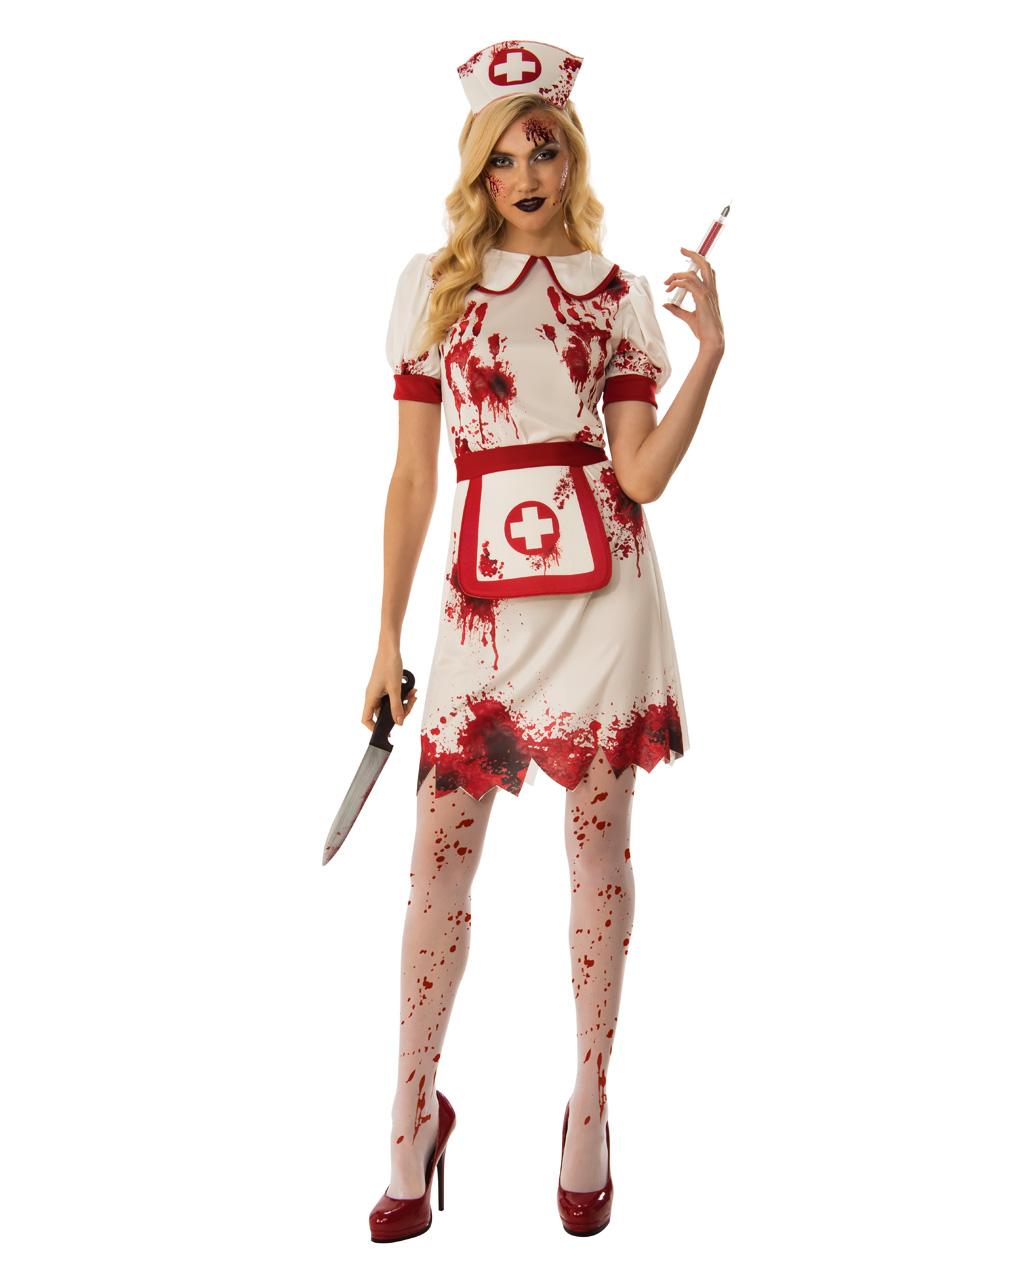 dac05d223af64 Nurse of death costume for Halloween | horror-shop.com